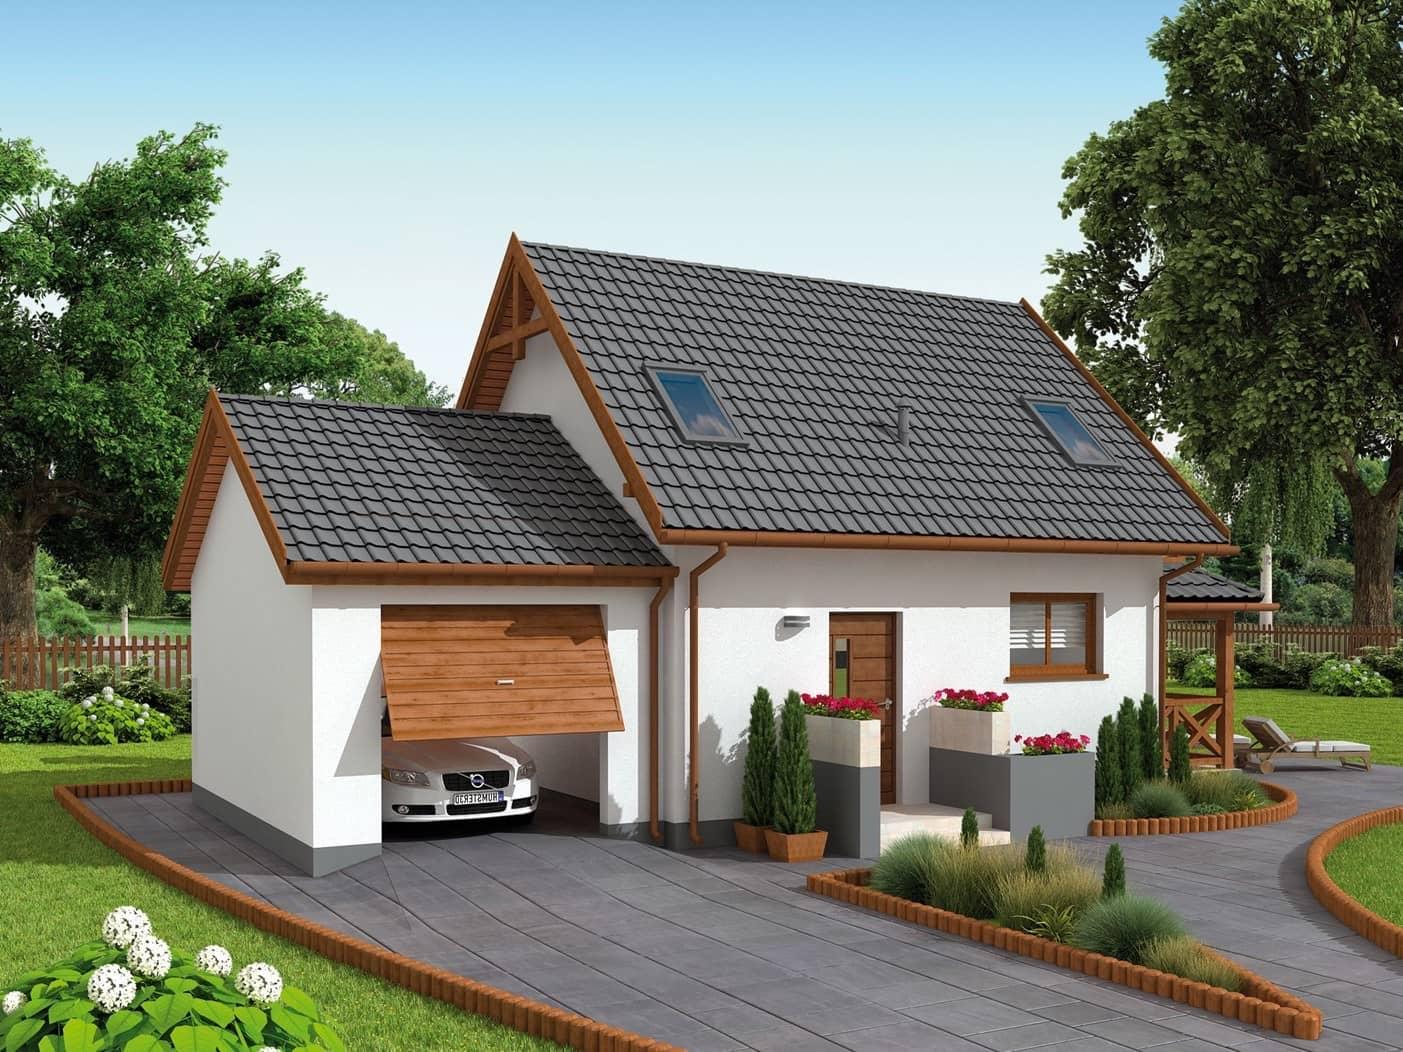 Tandem dinding putih dan atap hitam terlihat bergaya dan secara ringkas dalam kinerja apa pun.